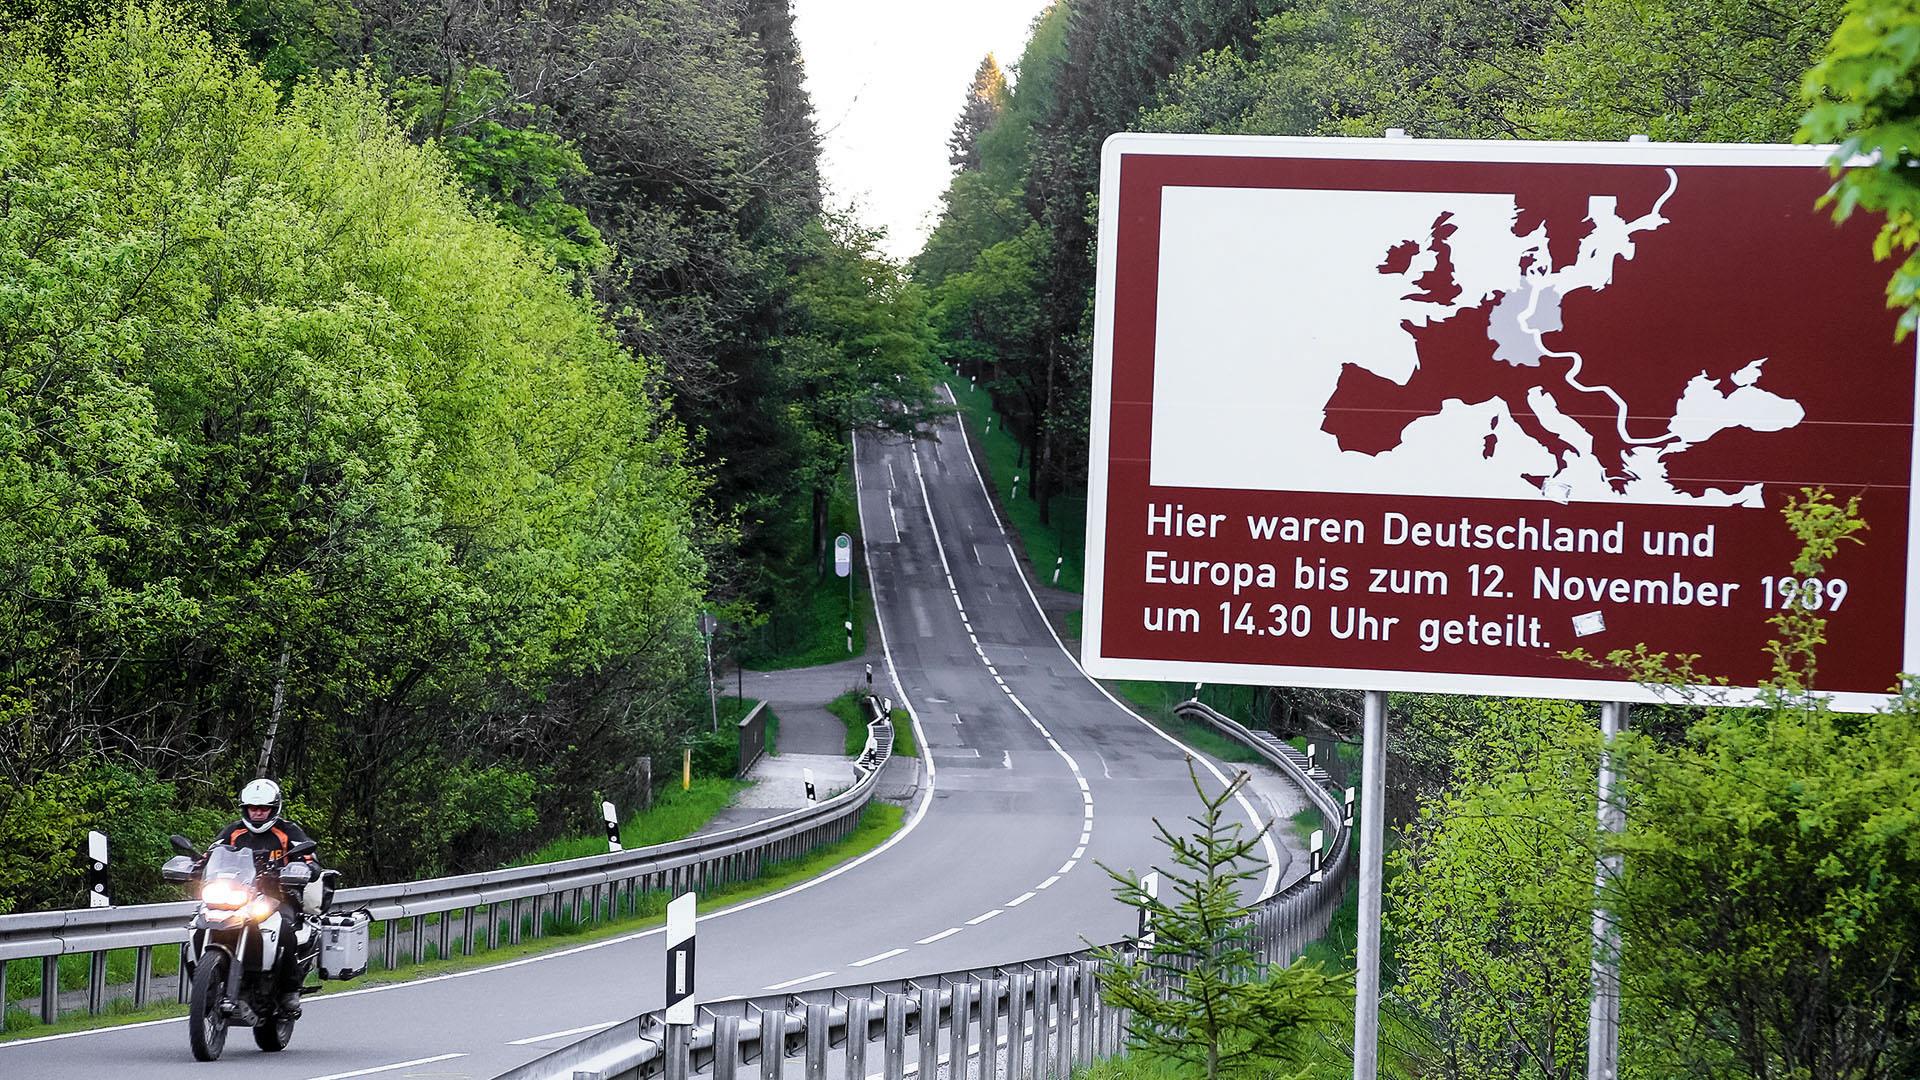 Harz ist Trumpf